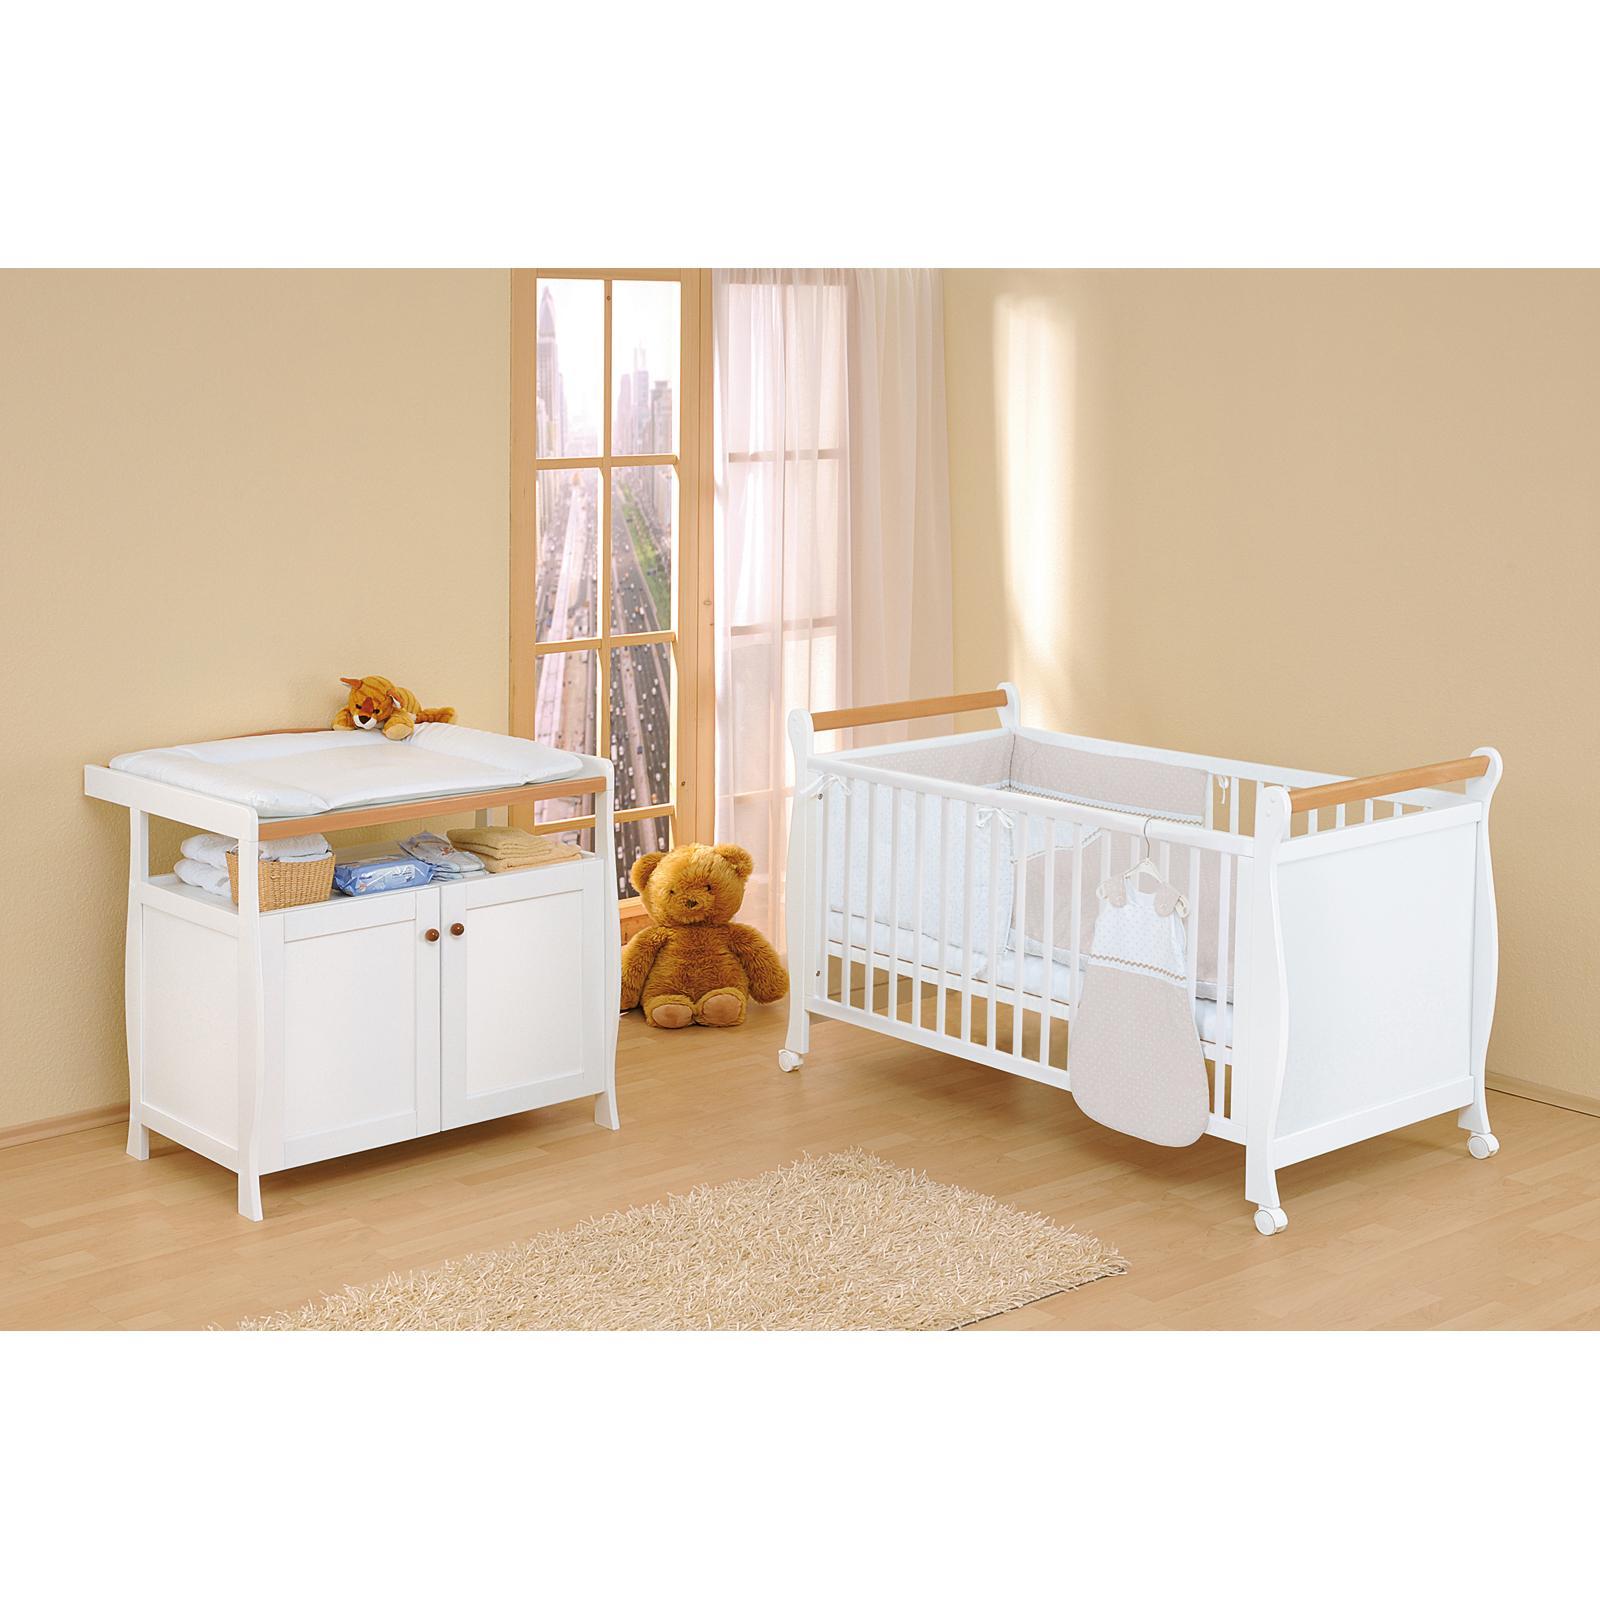 Pack duo bébé pack de deux meubles pour aménager la chambre bébé